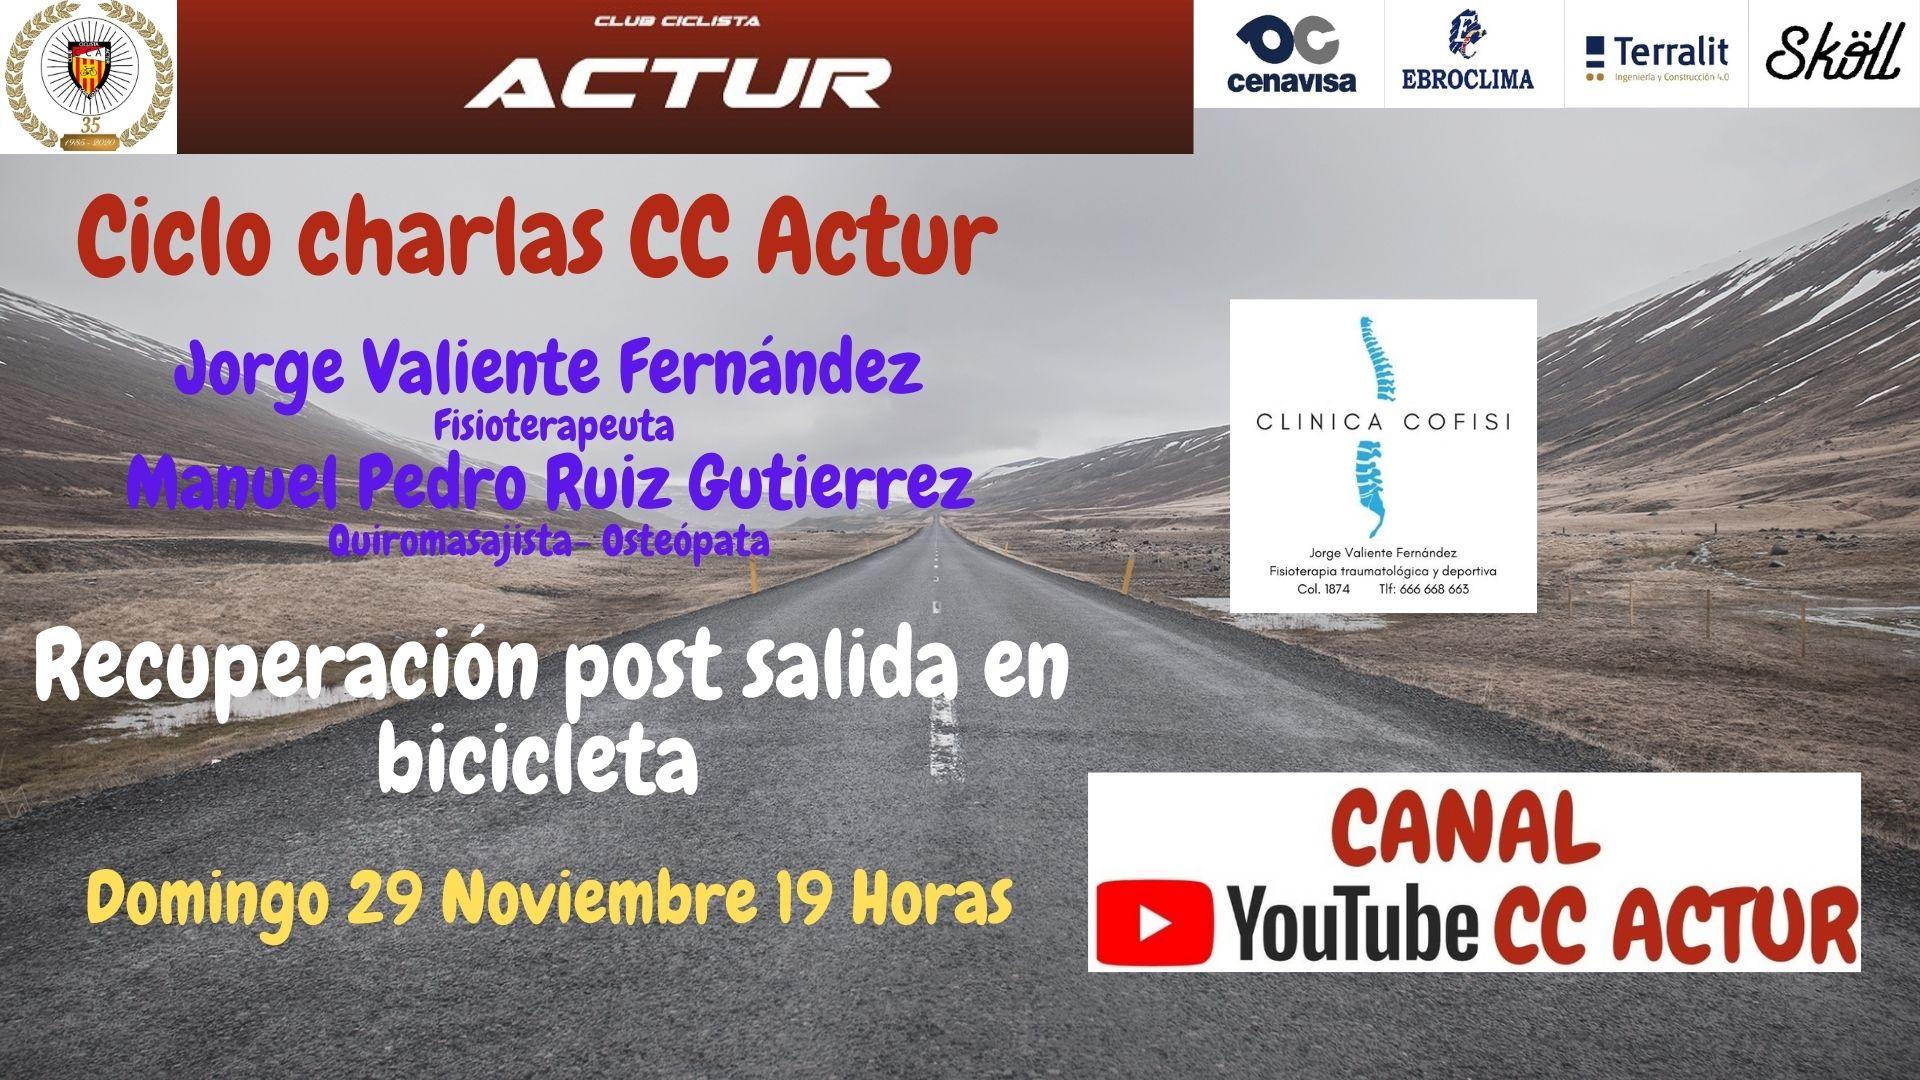 Ciclo_charlas_CC_Actur_Recuperación_post_salida_en_bicicleta(4).jpg